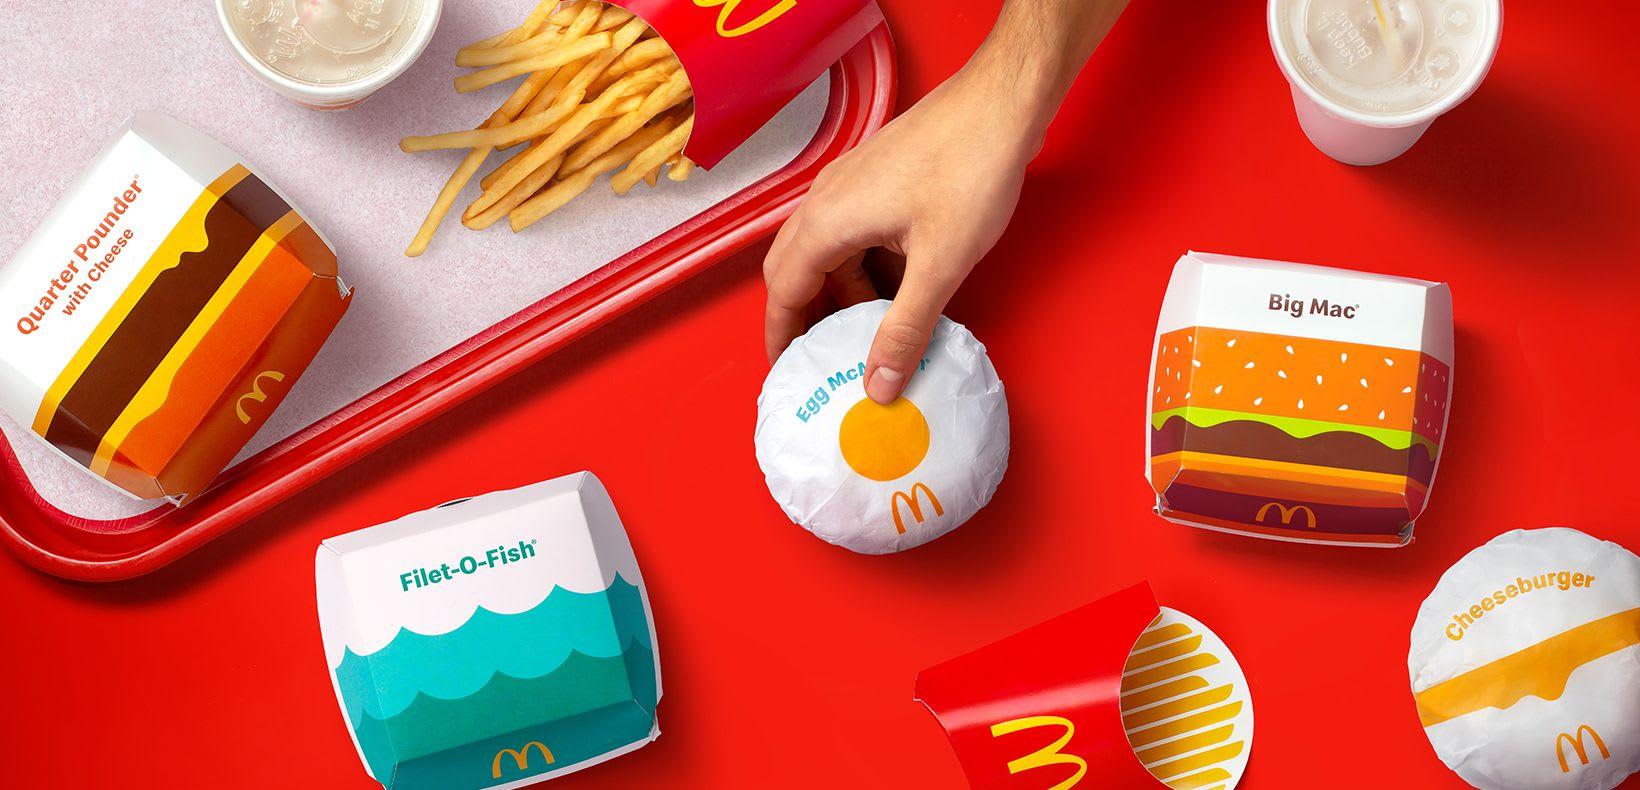 麥當勞新包裝設計